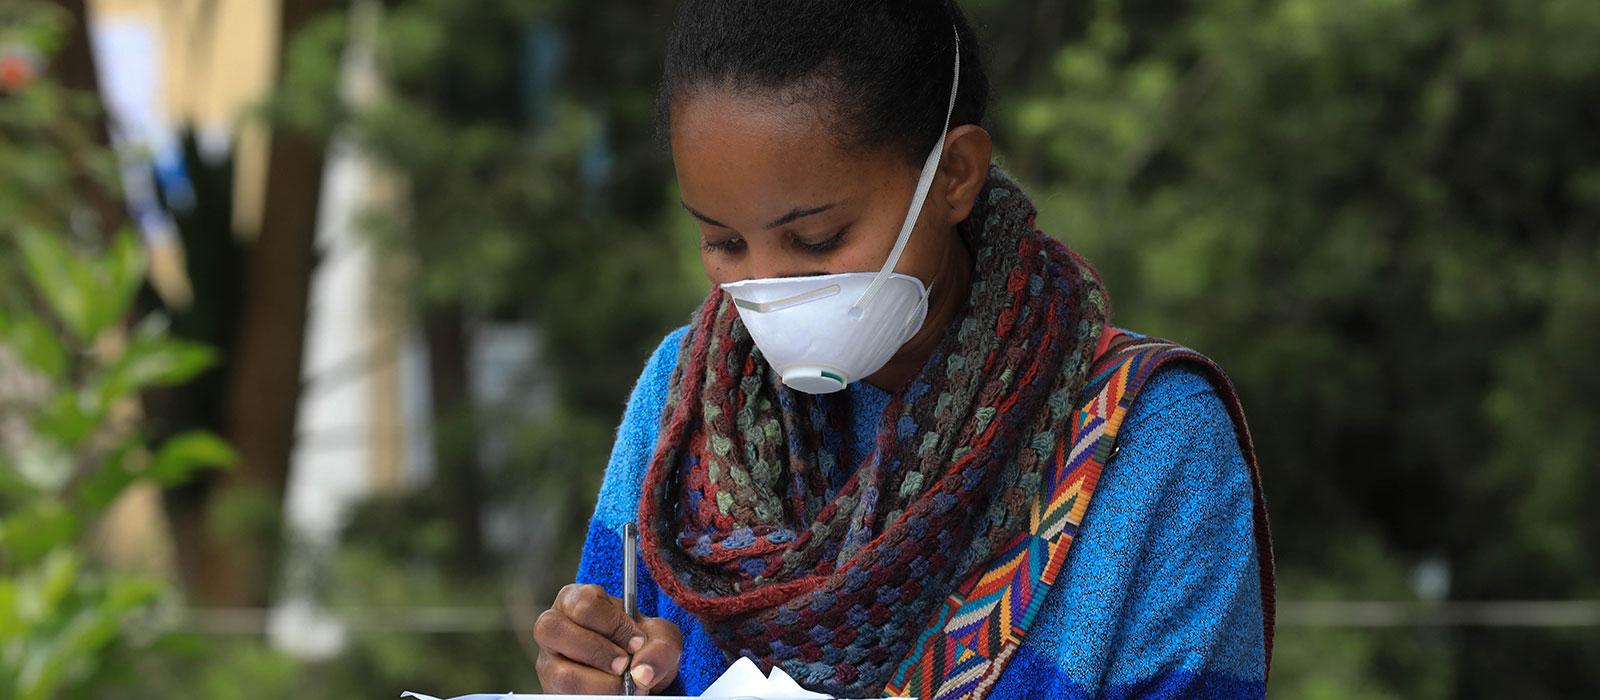 UNICEFEthiopi/2020/NahomTesfaye